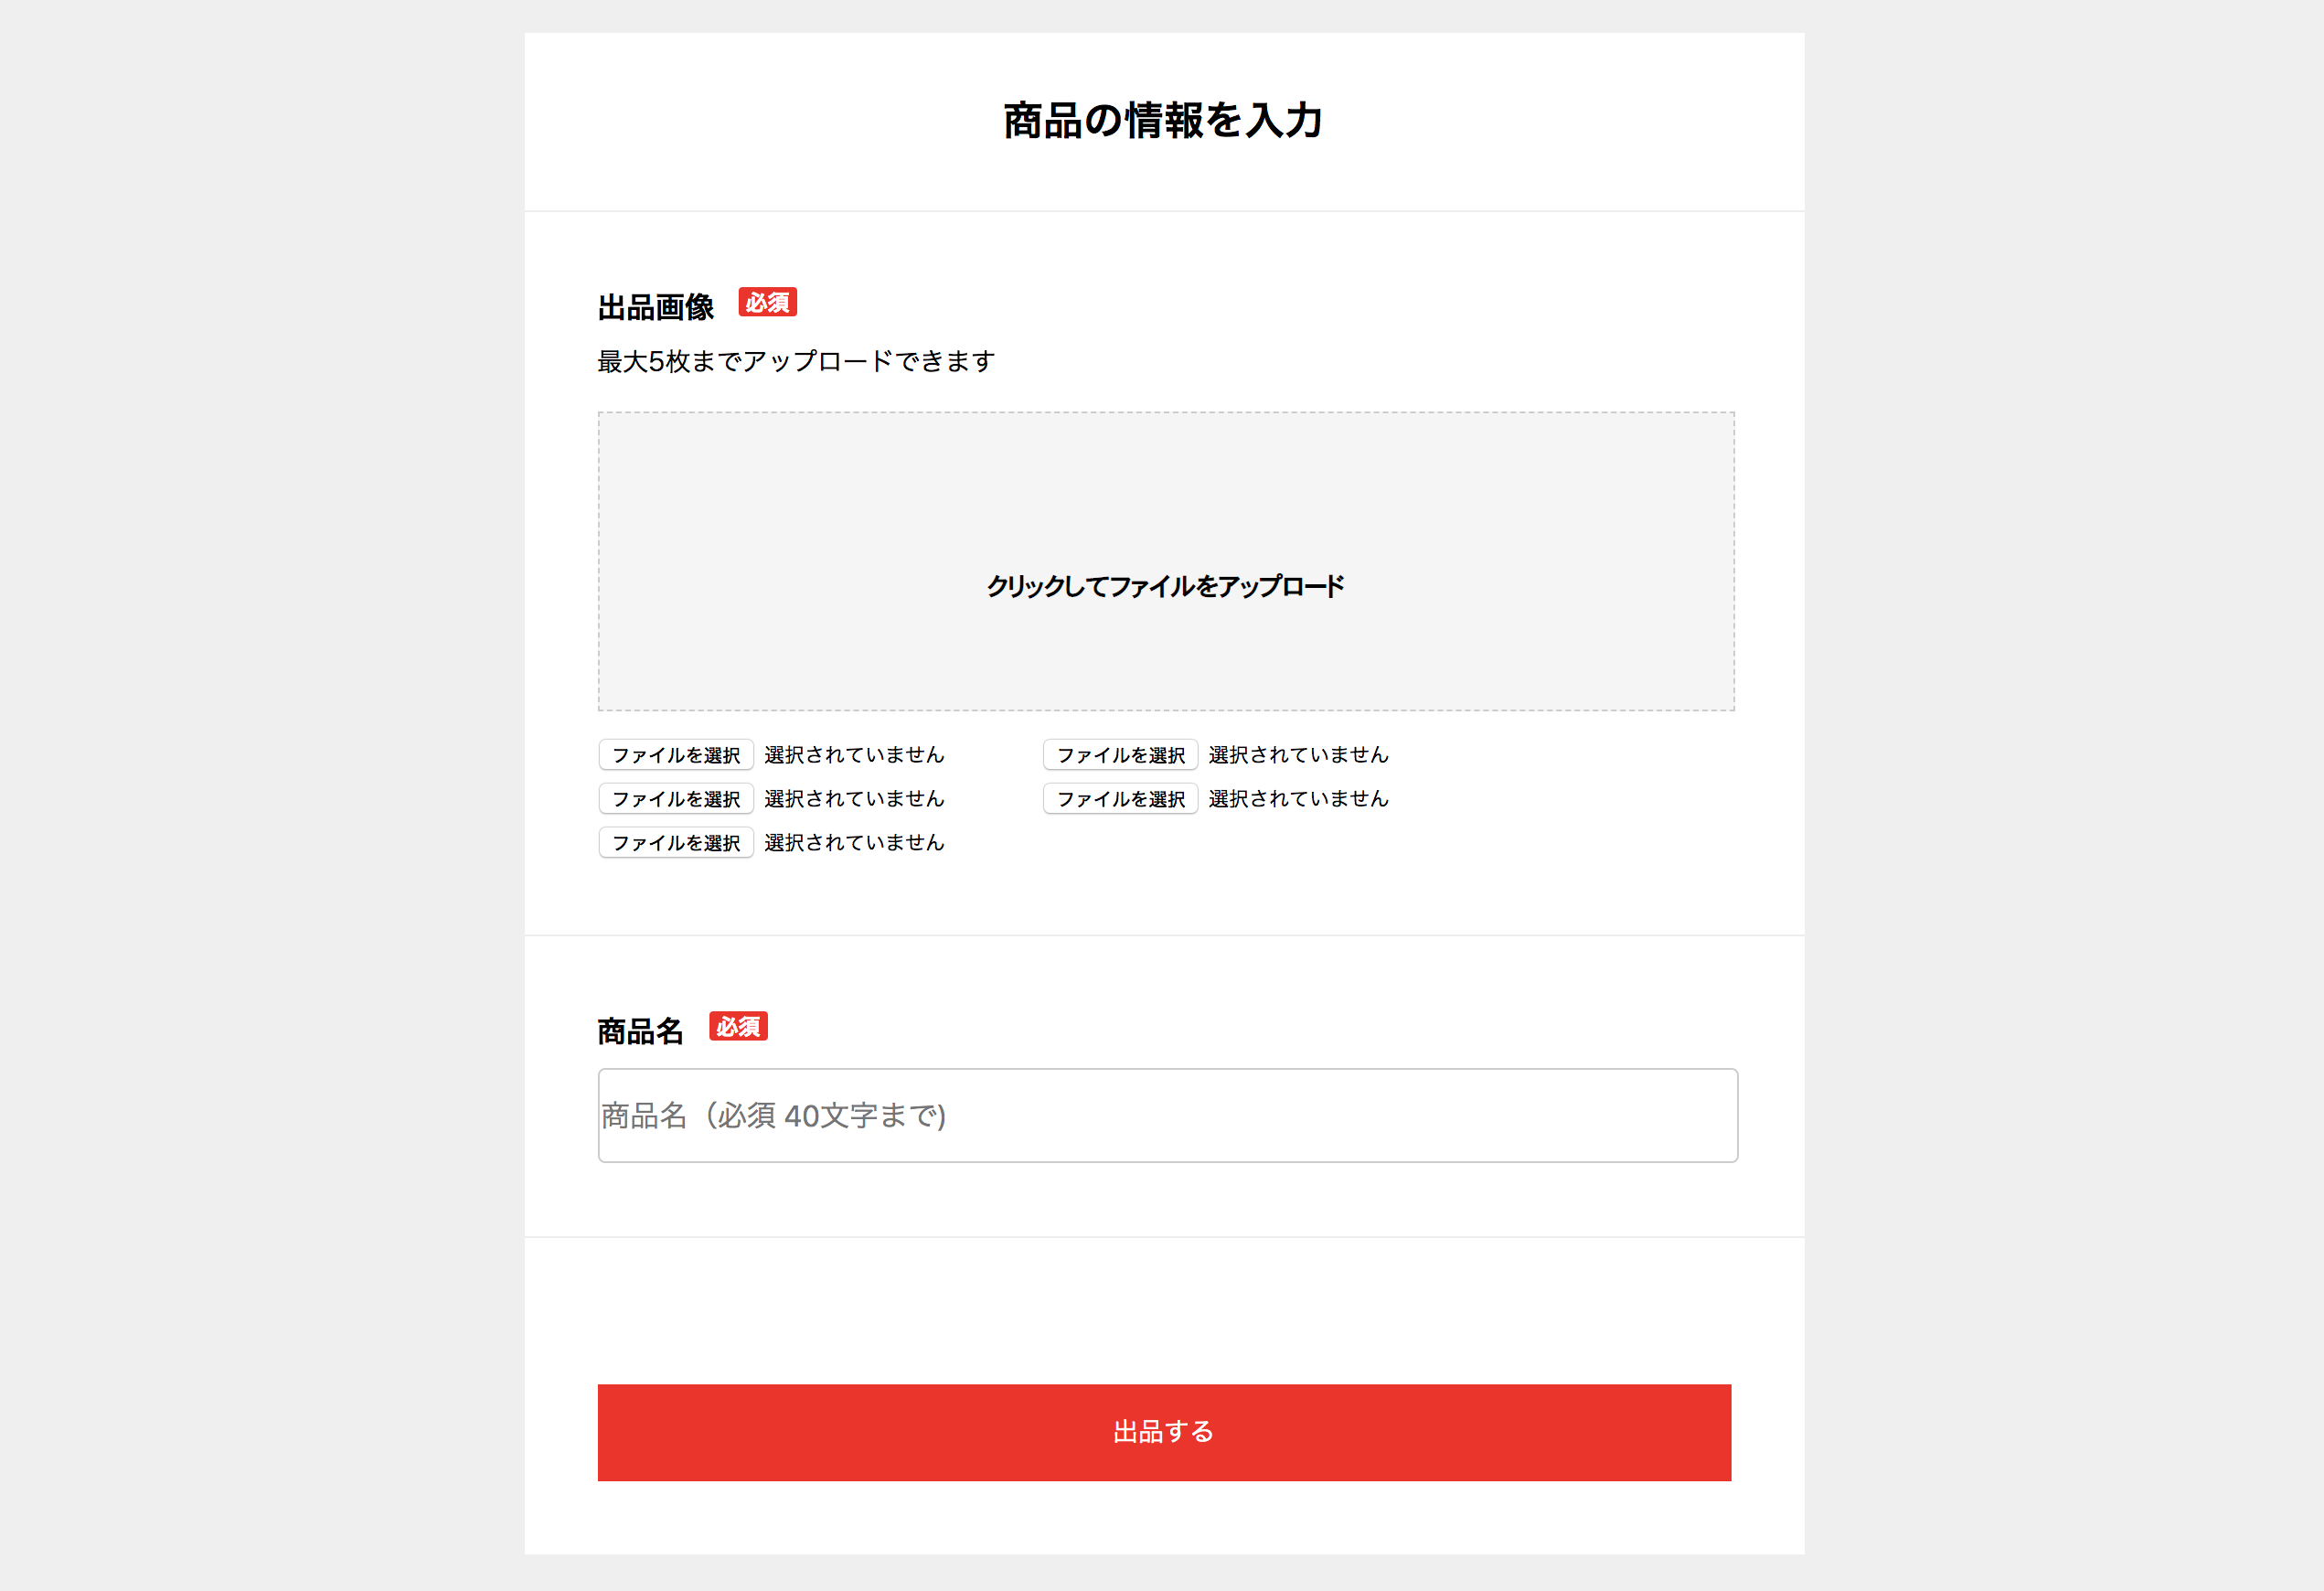 スクリーンショット 2020-01-14 23.43.16.png